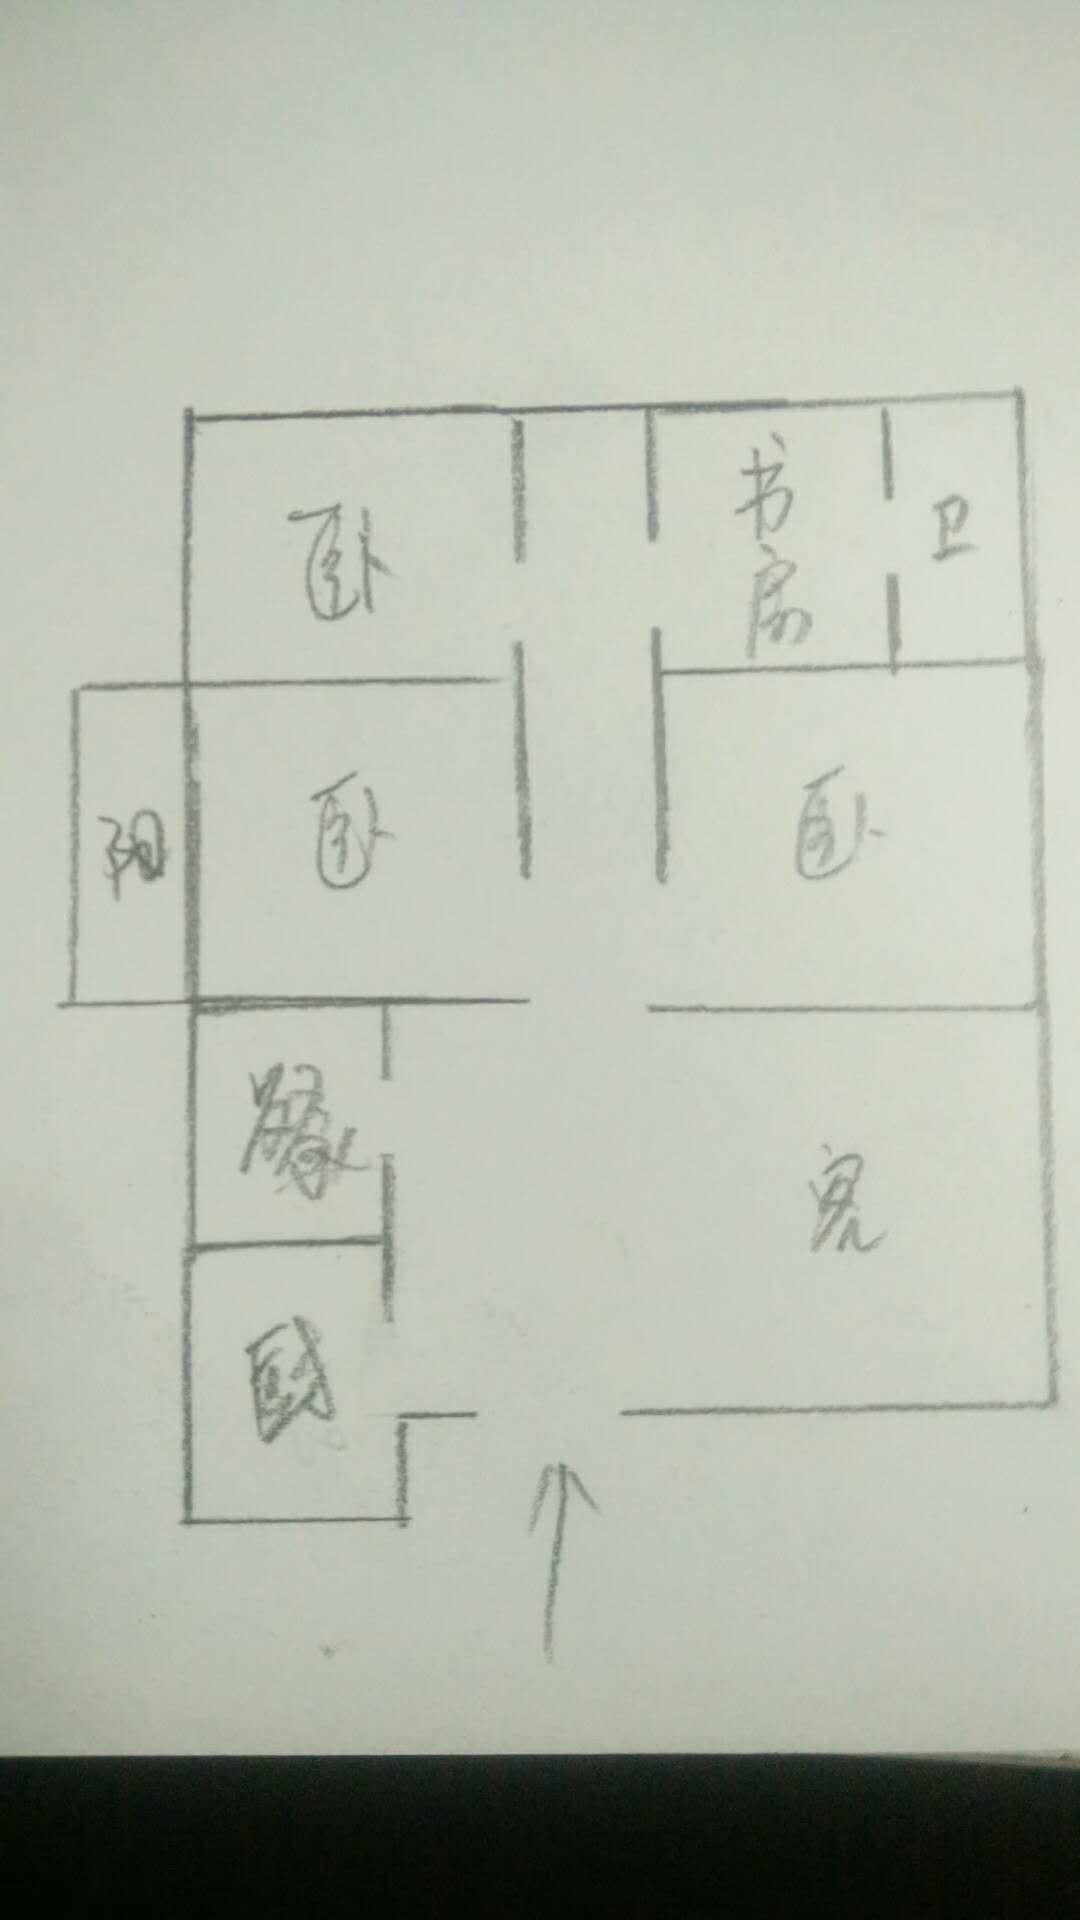 龙城国际 3室2厅 7楼